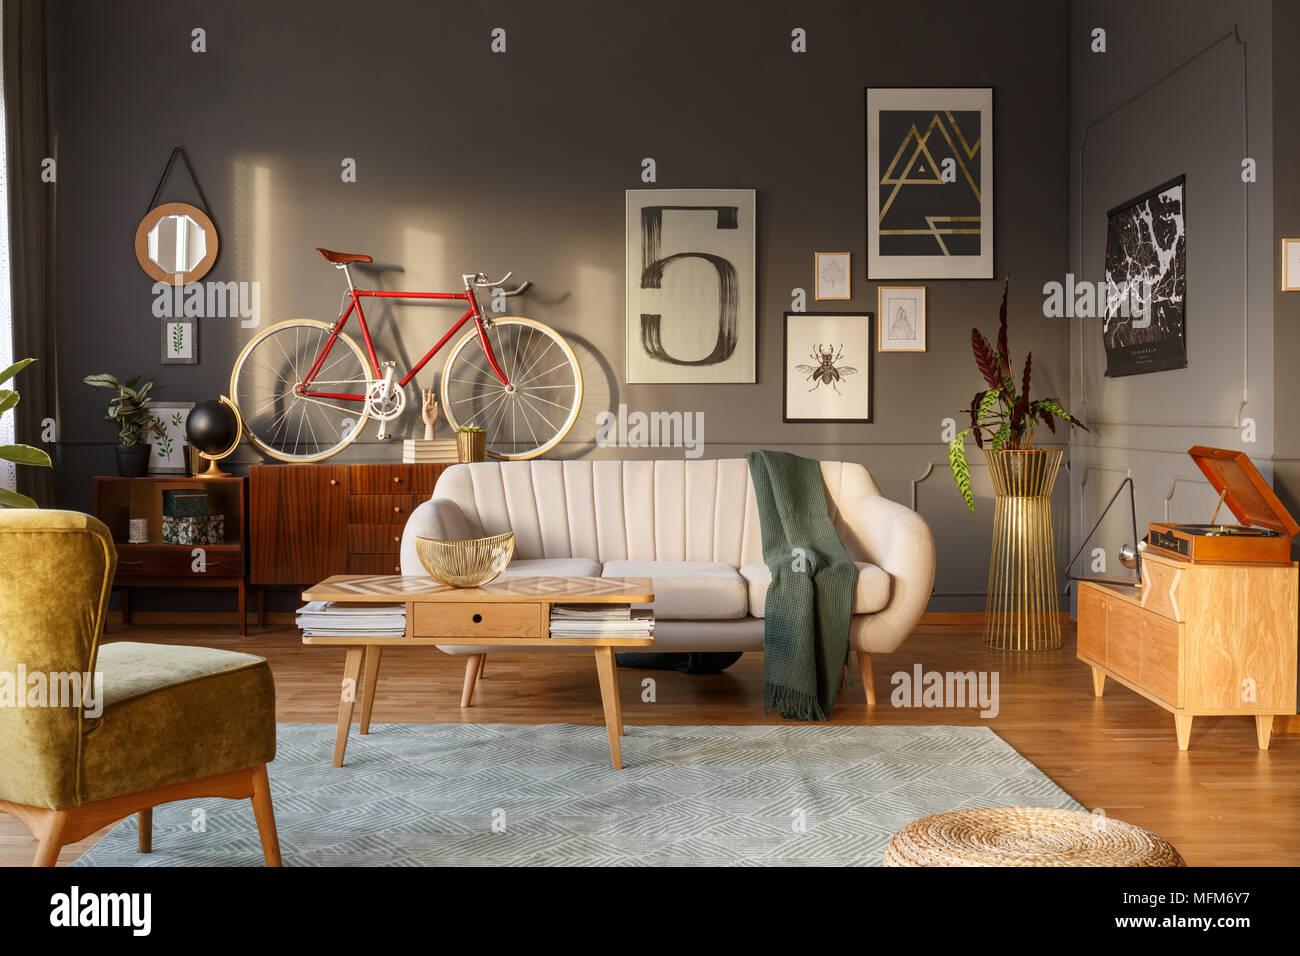 Grune Decke Auf Einem Sofa In Vintage Wohnzimmer Einrichtung